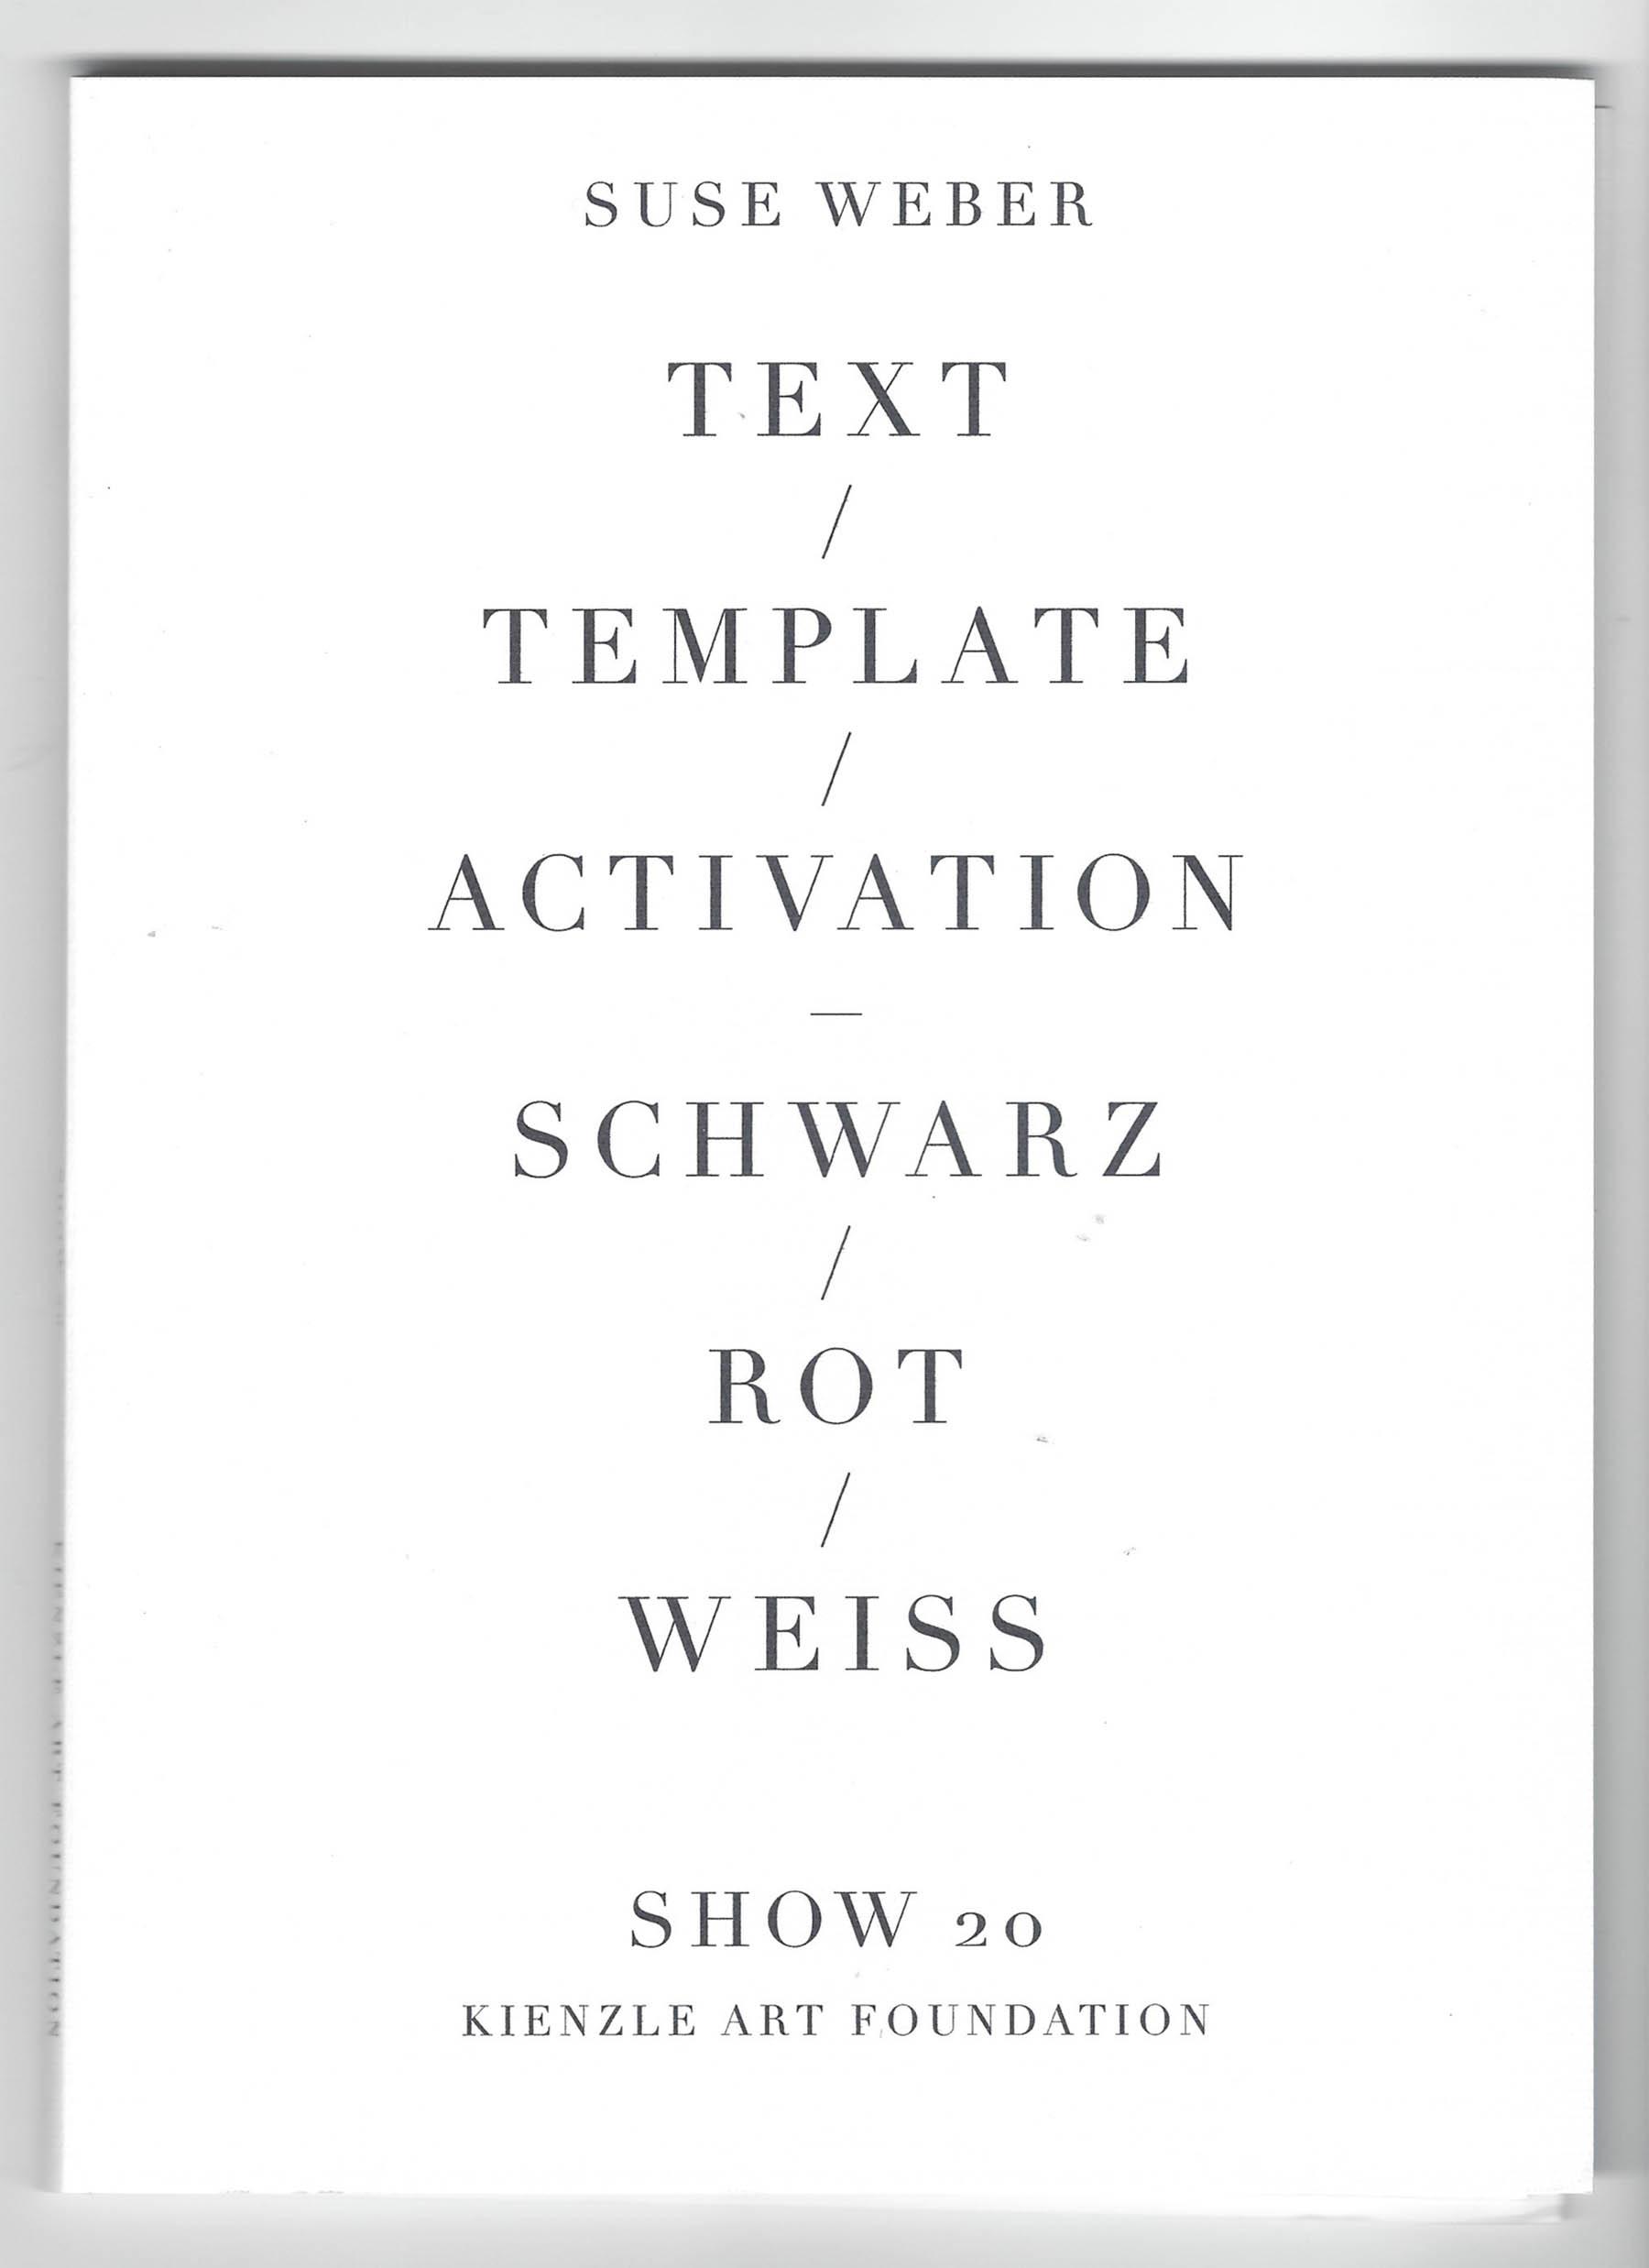 Show20_SW.jpg